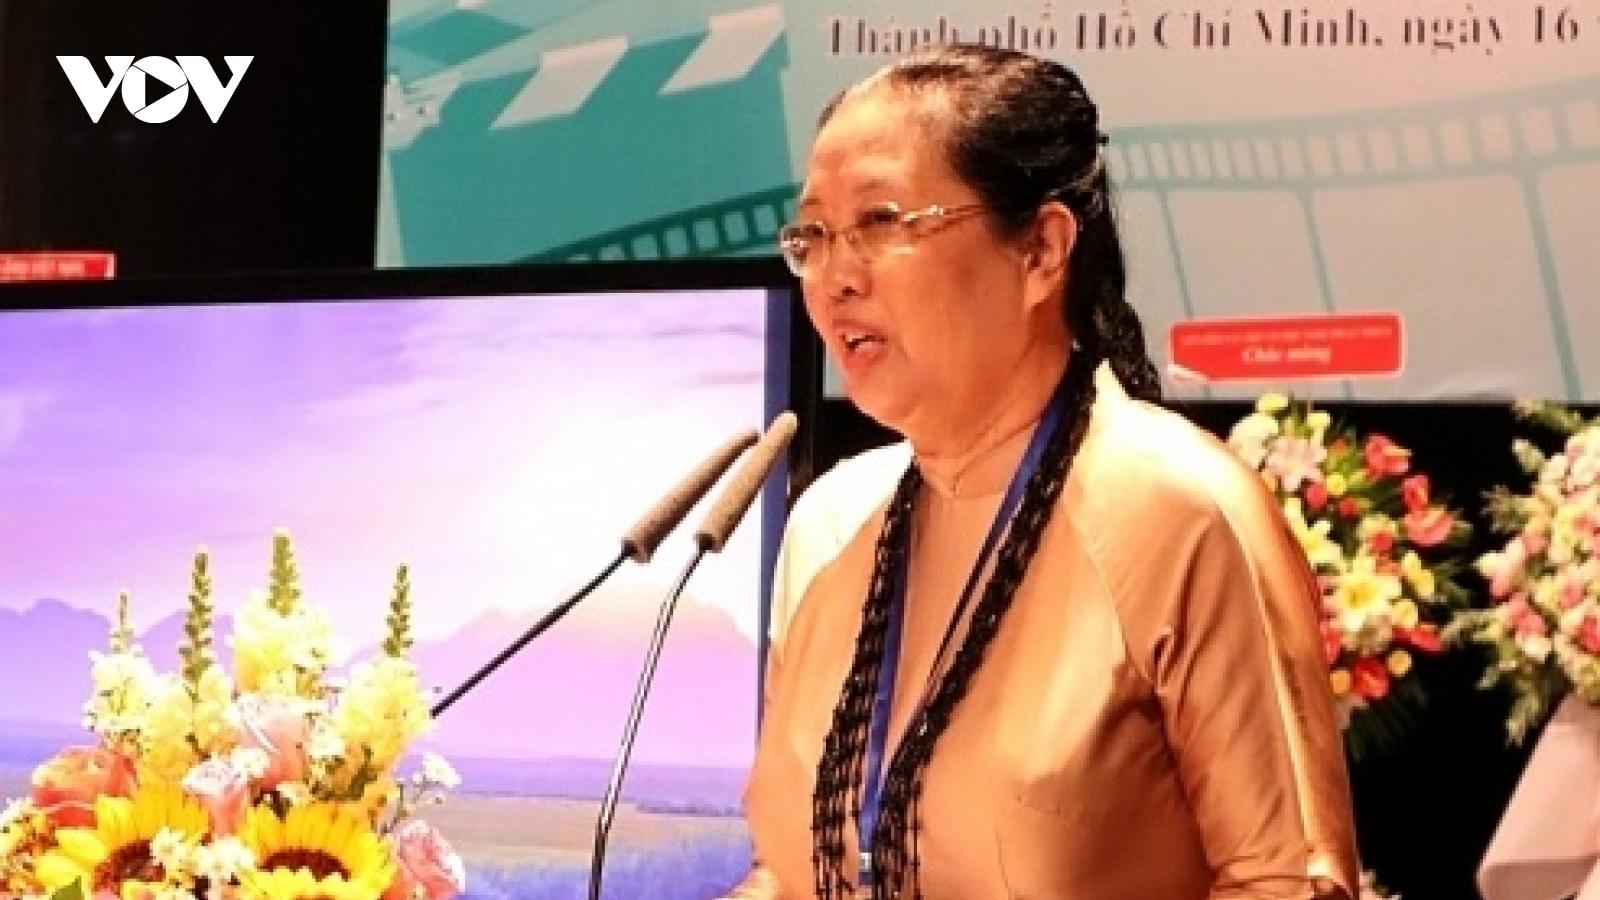 Văn nghệ sỹ TP.HCM cần cơ chế phát triển văn hoá truyền thống cho nhiệm vụ đối ngoại